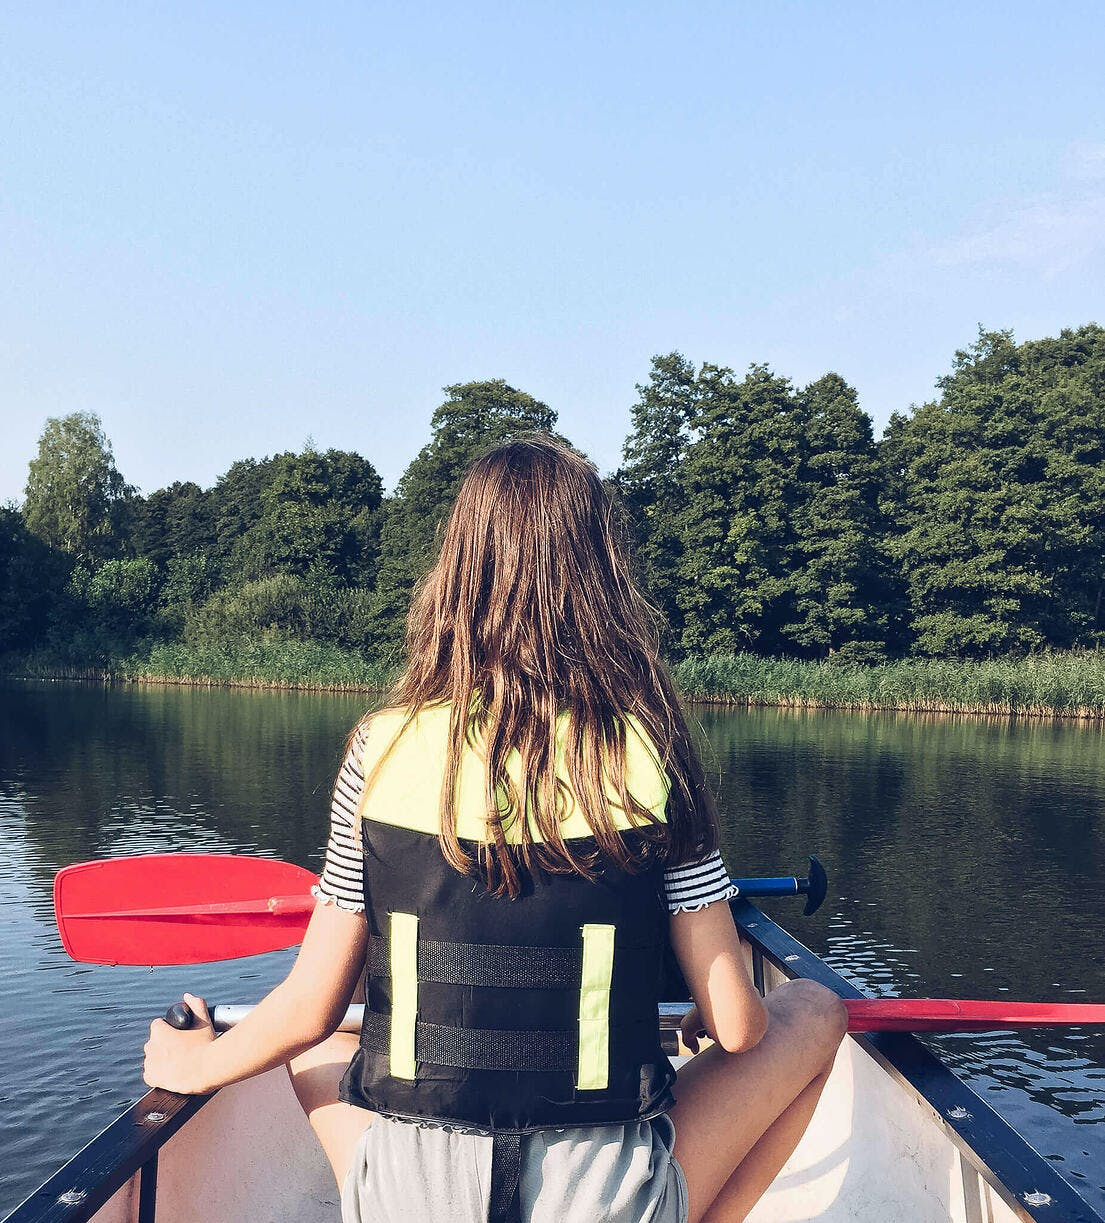 Mädchen im Kanu mit Paddel